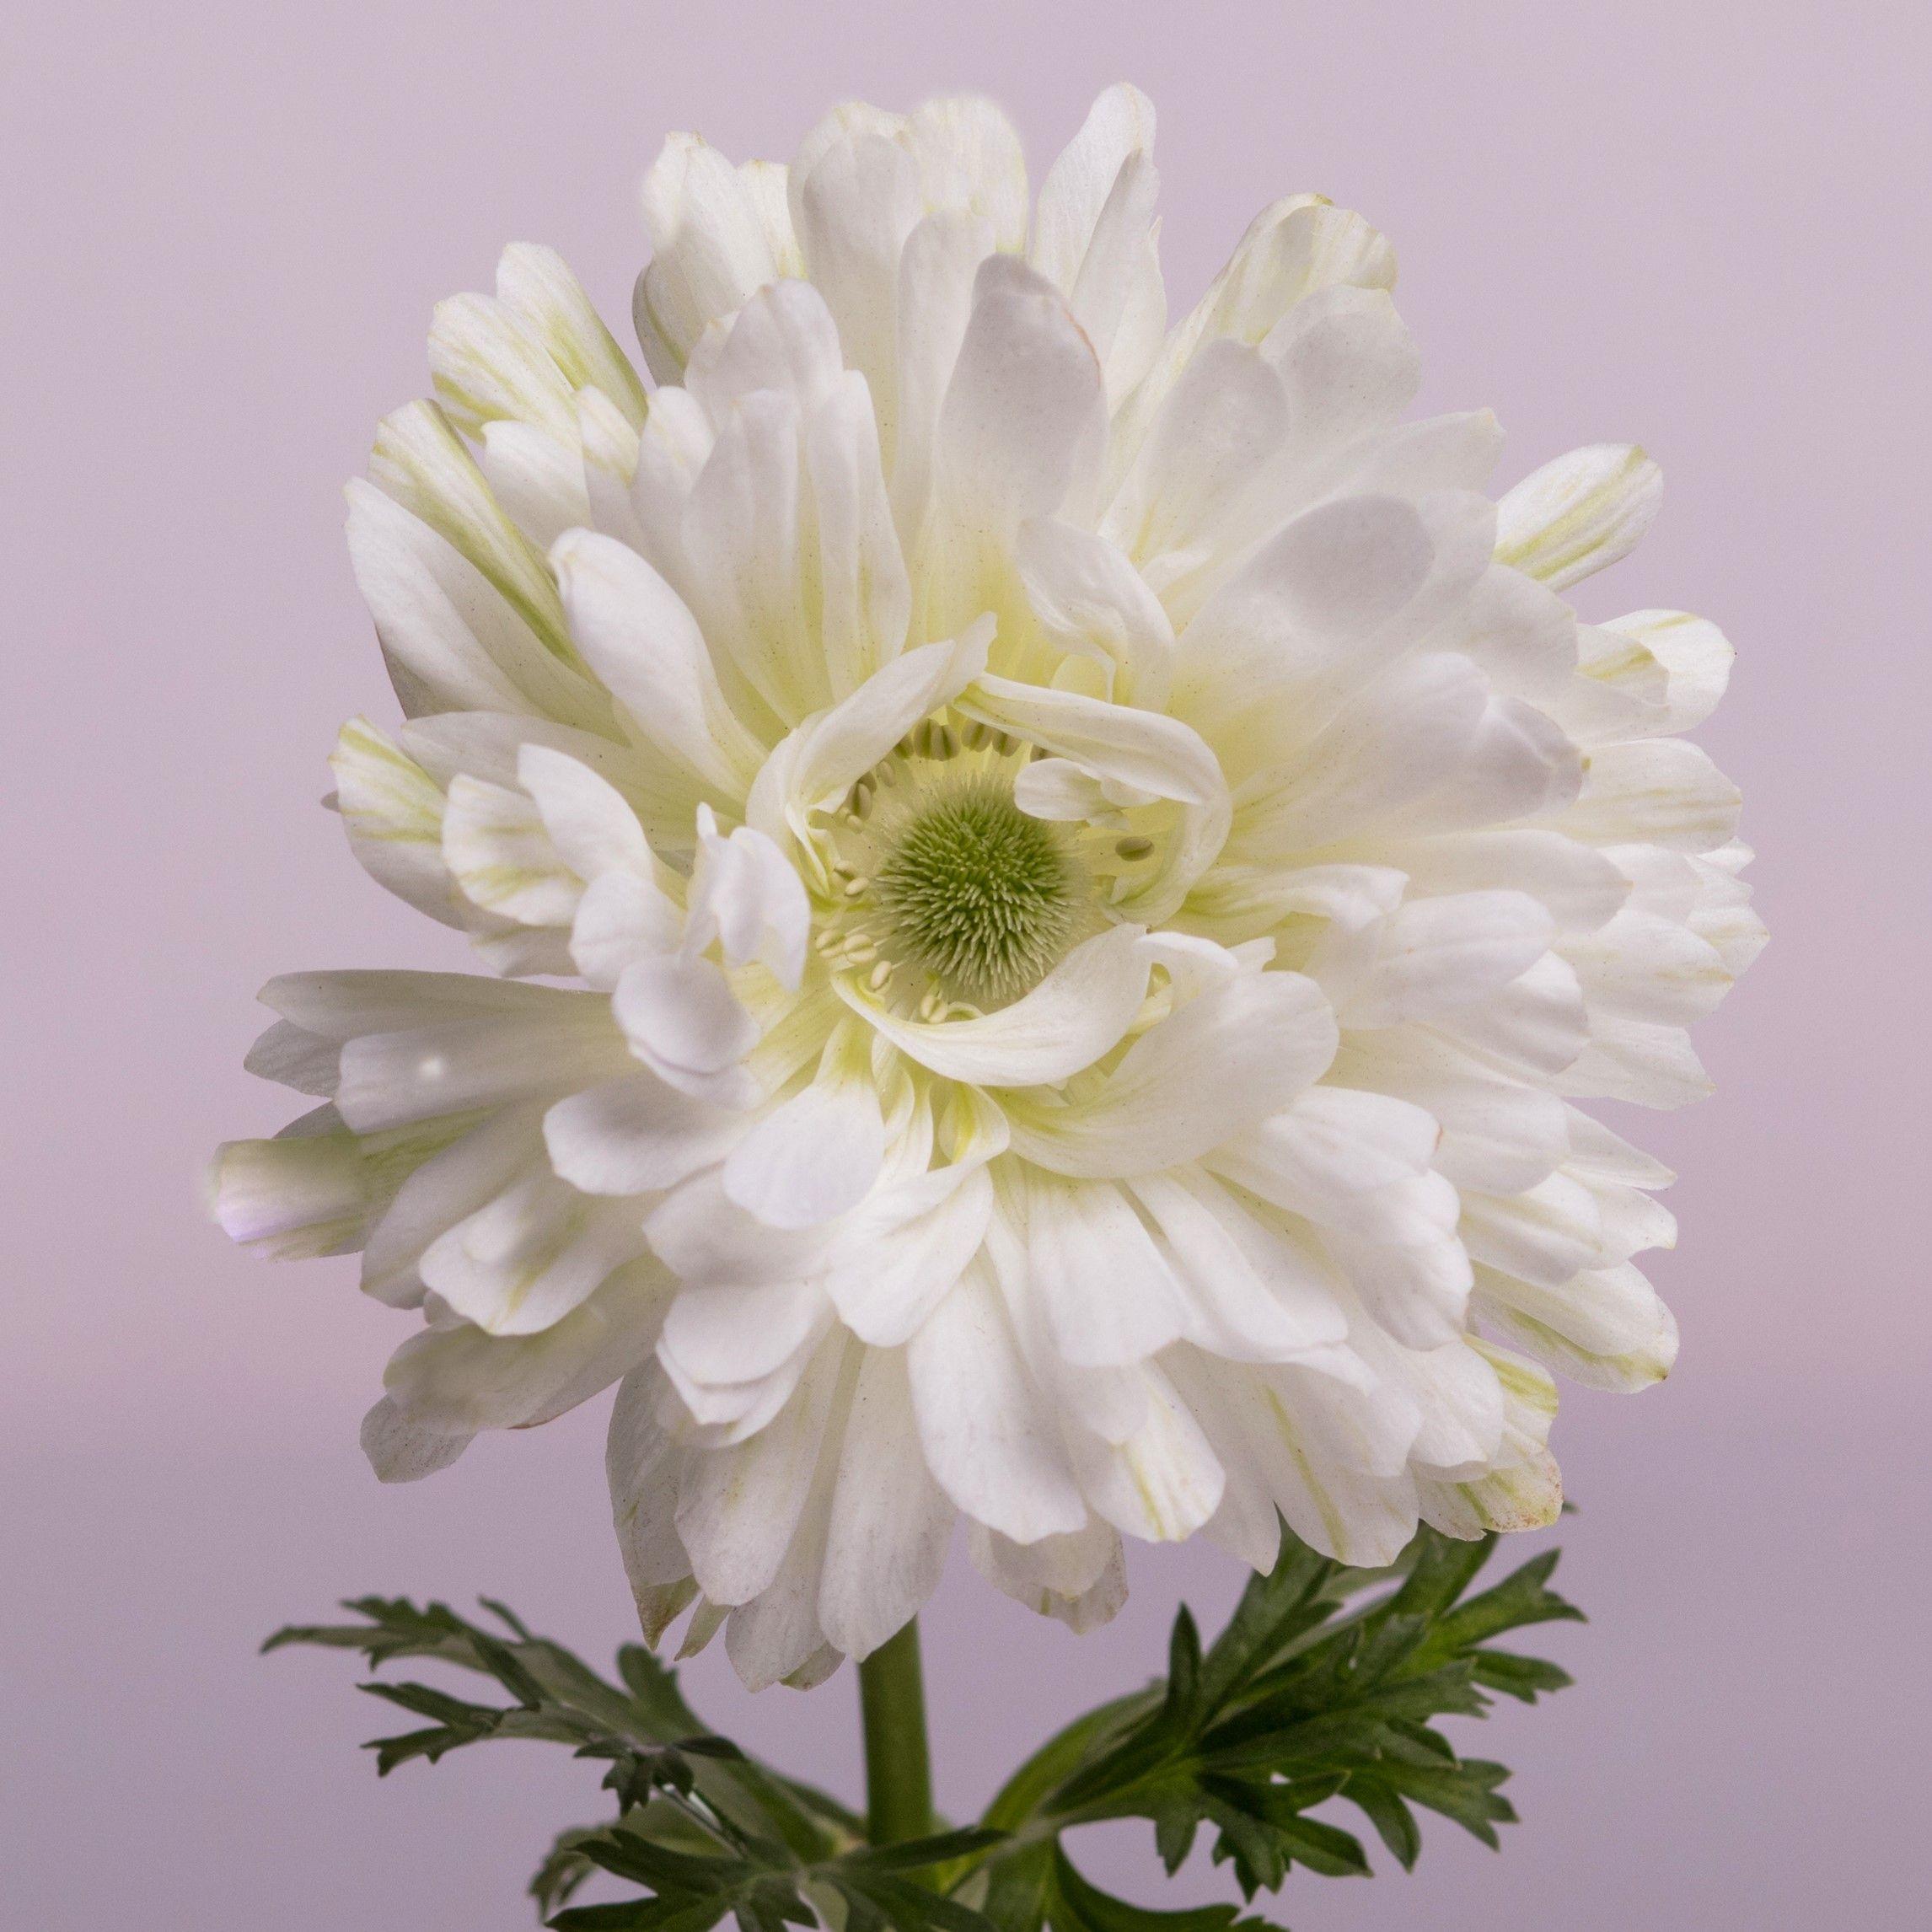 Anemone Full Star White